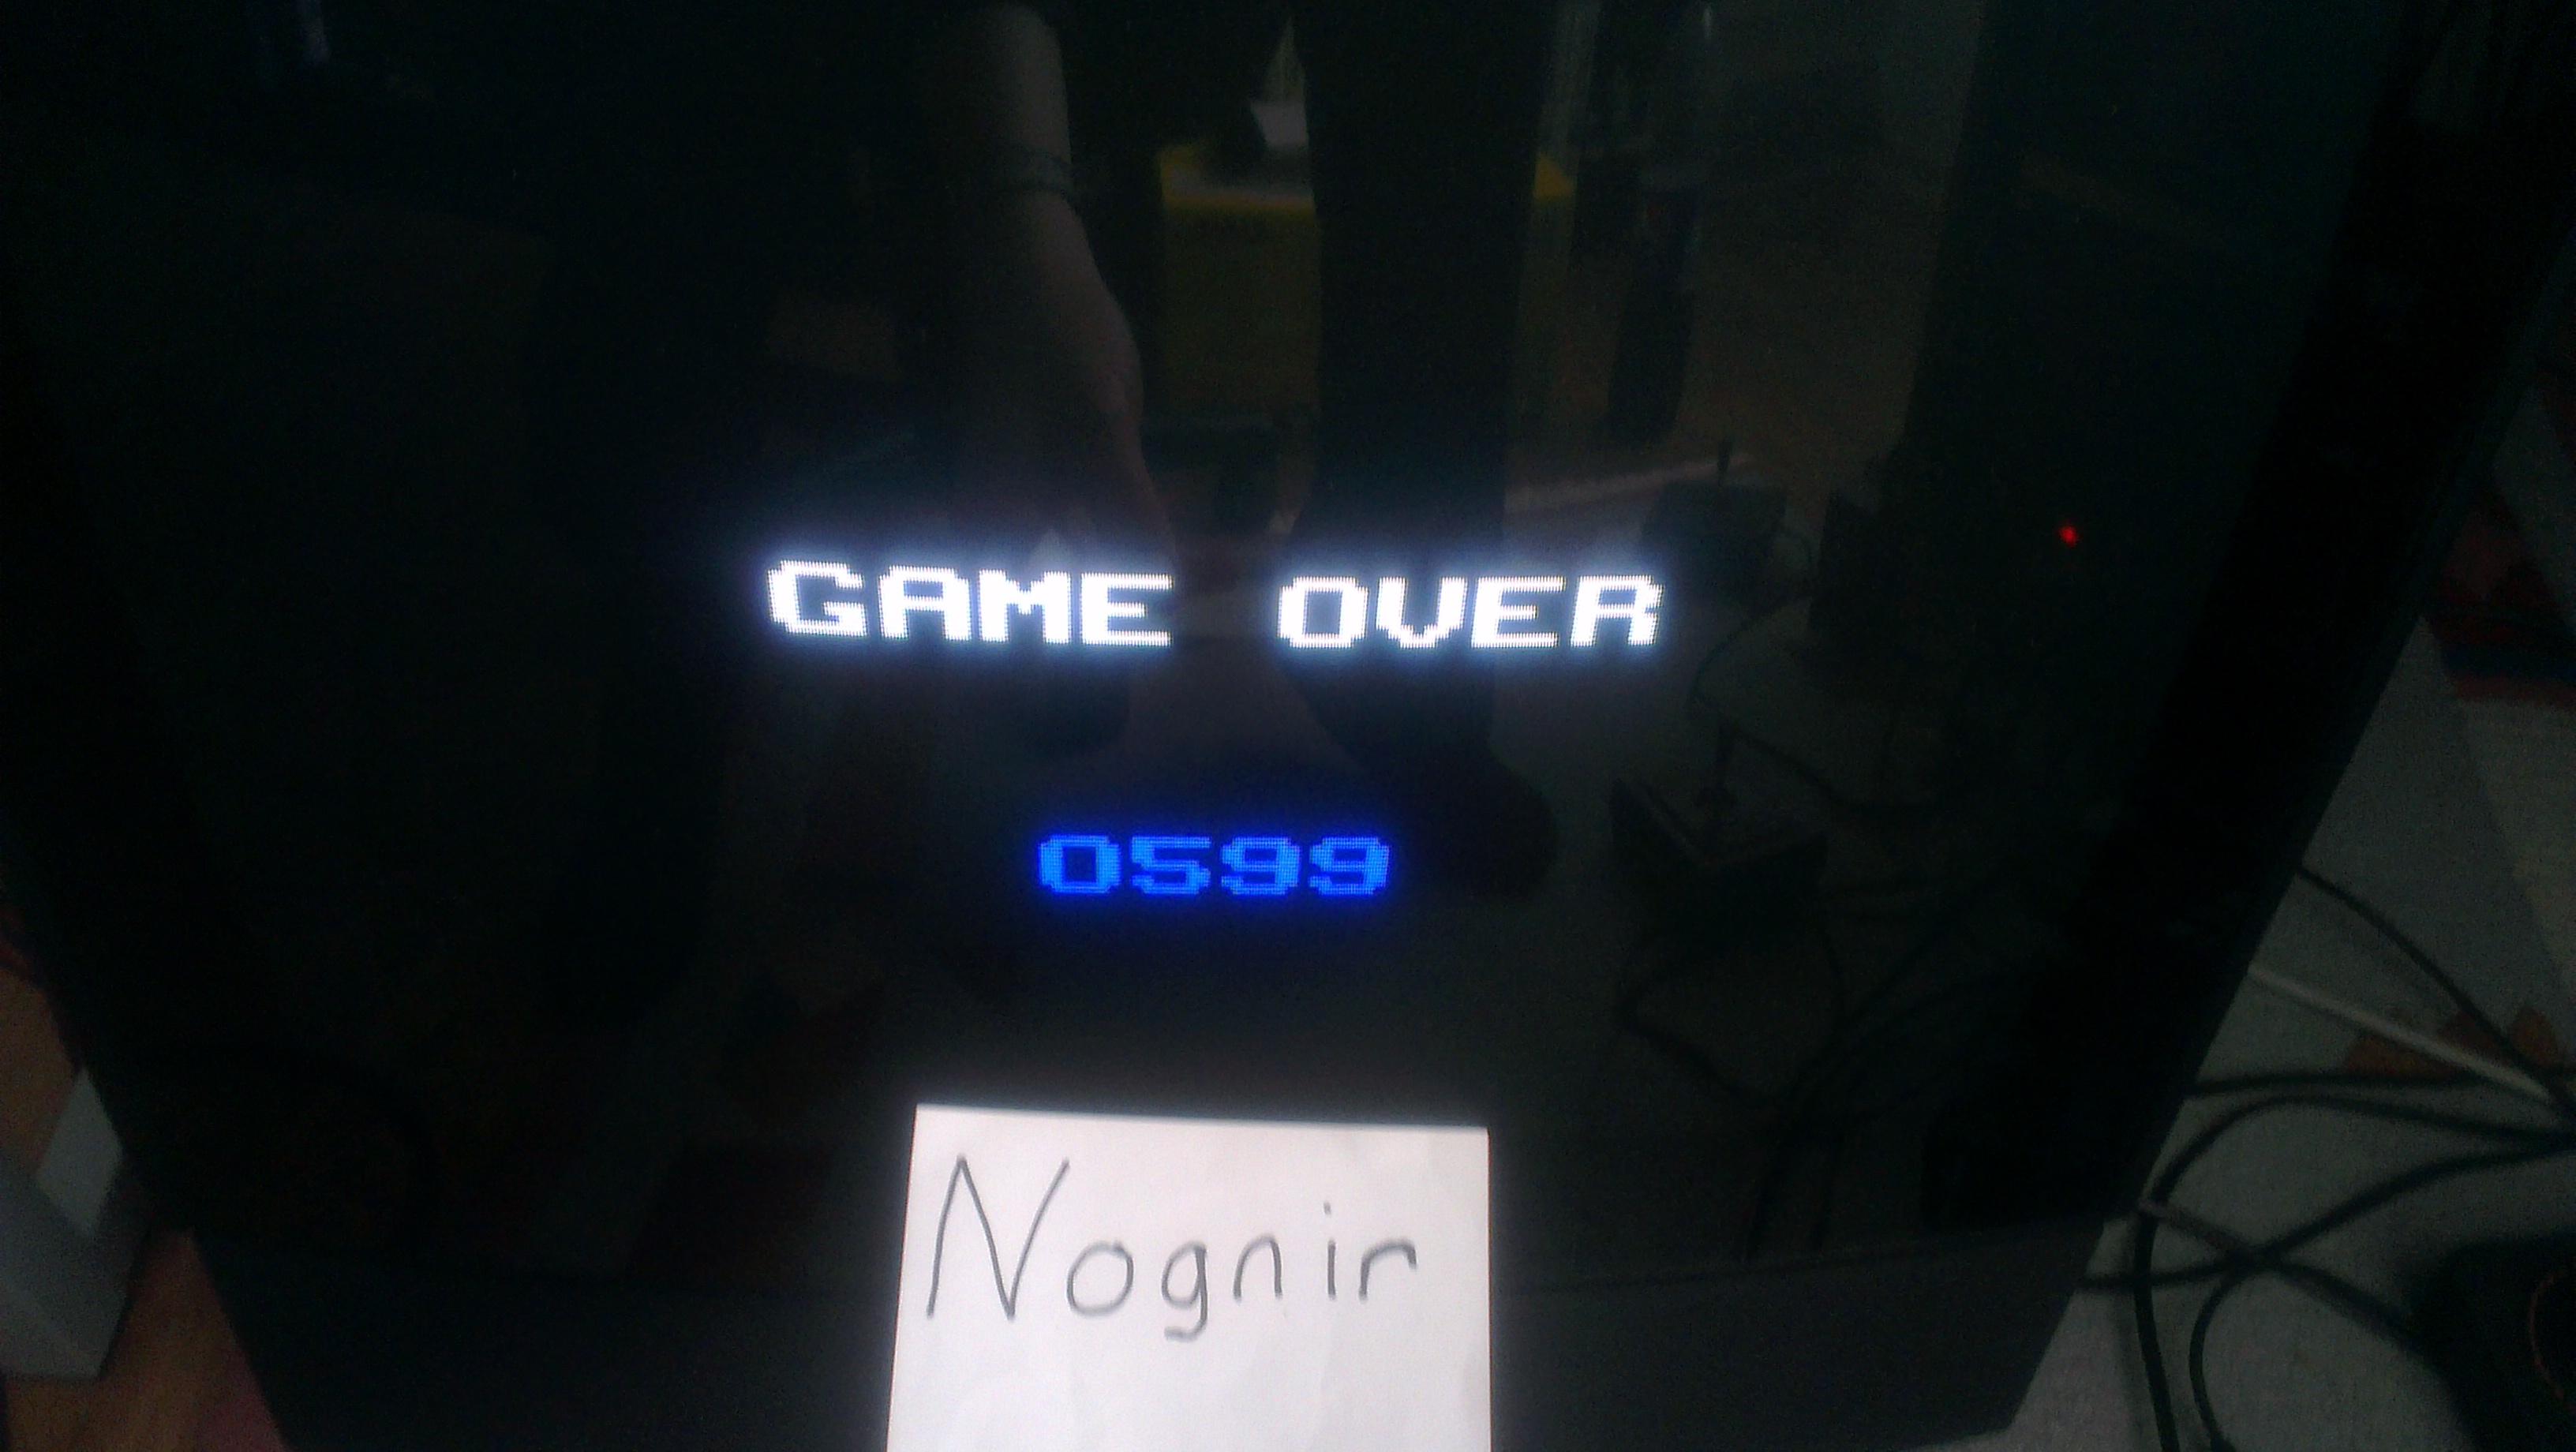 Nognir: Astrododge (Odyssey 2 / Videopac) 599 points on 2014-05-25 03:13:21